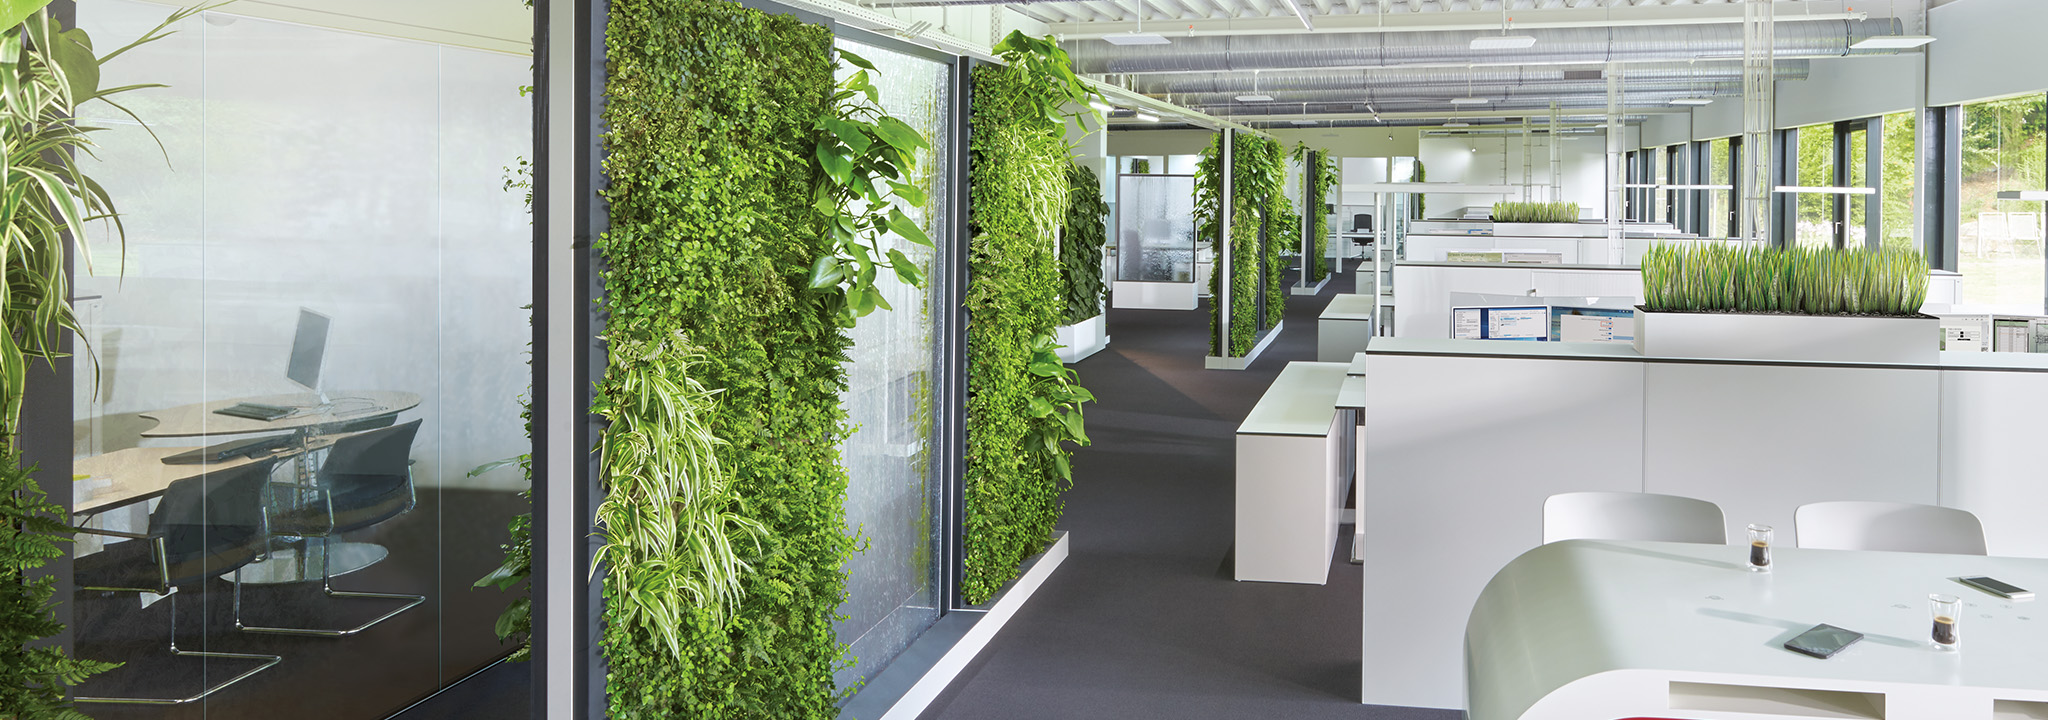 Optimale Flächengliederung durch bepflanzte Trennwände, Schränke, Regale und Sideboards